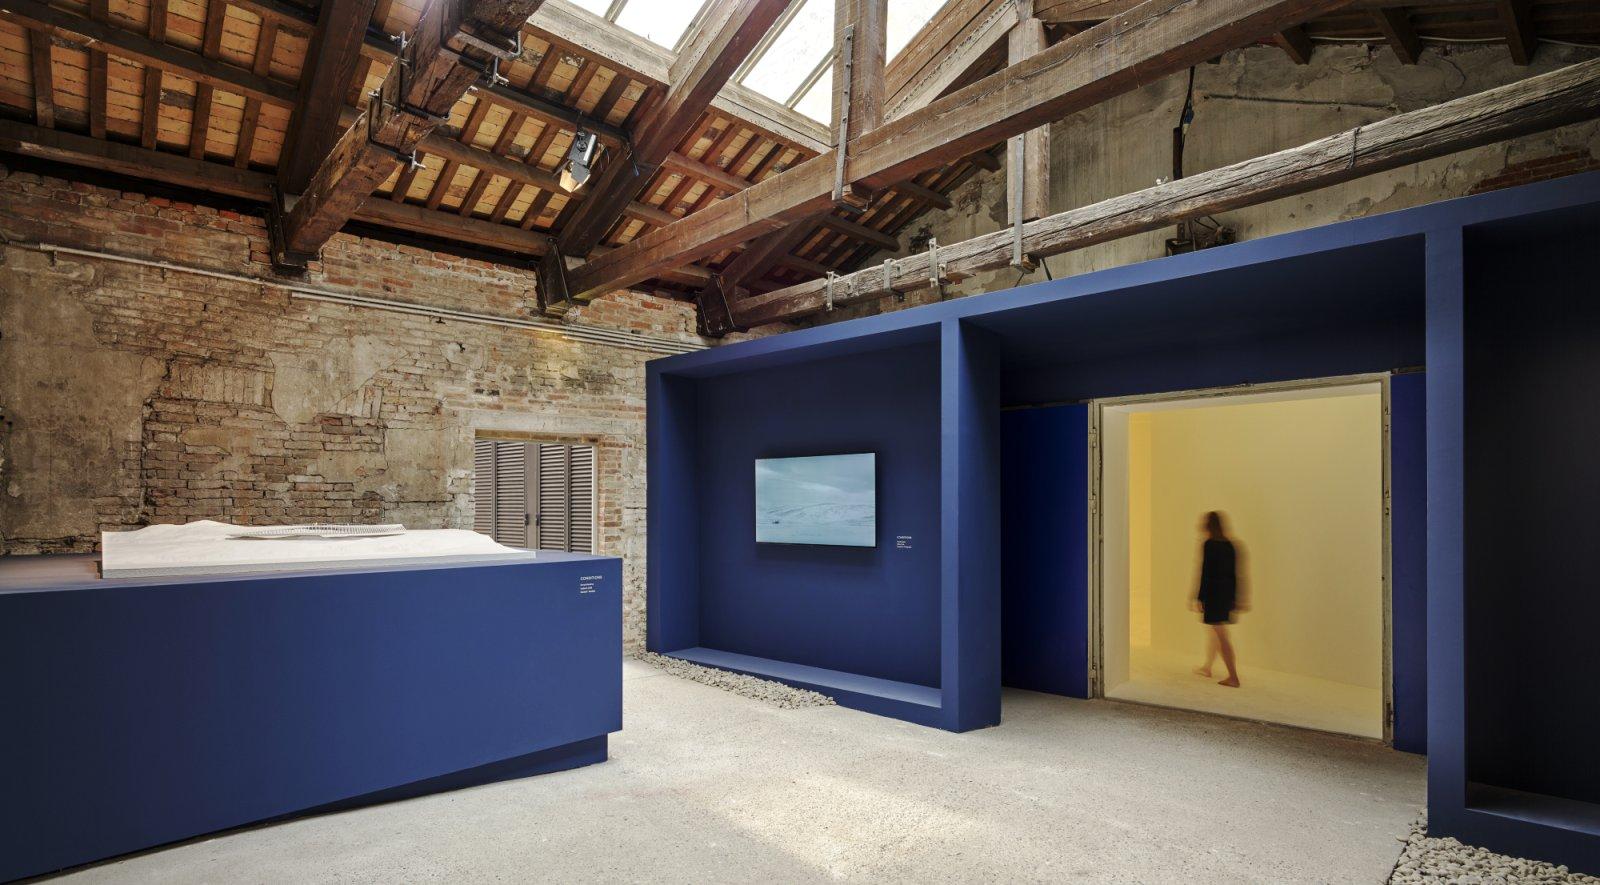 Dorte Mandrup at the 16th La Biennale